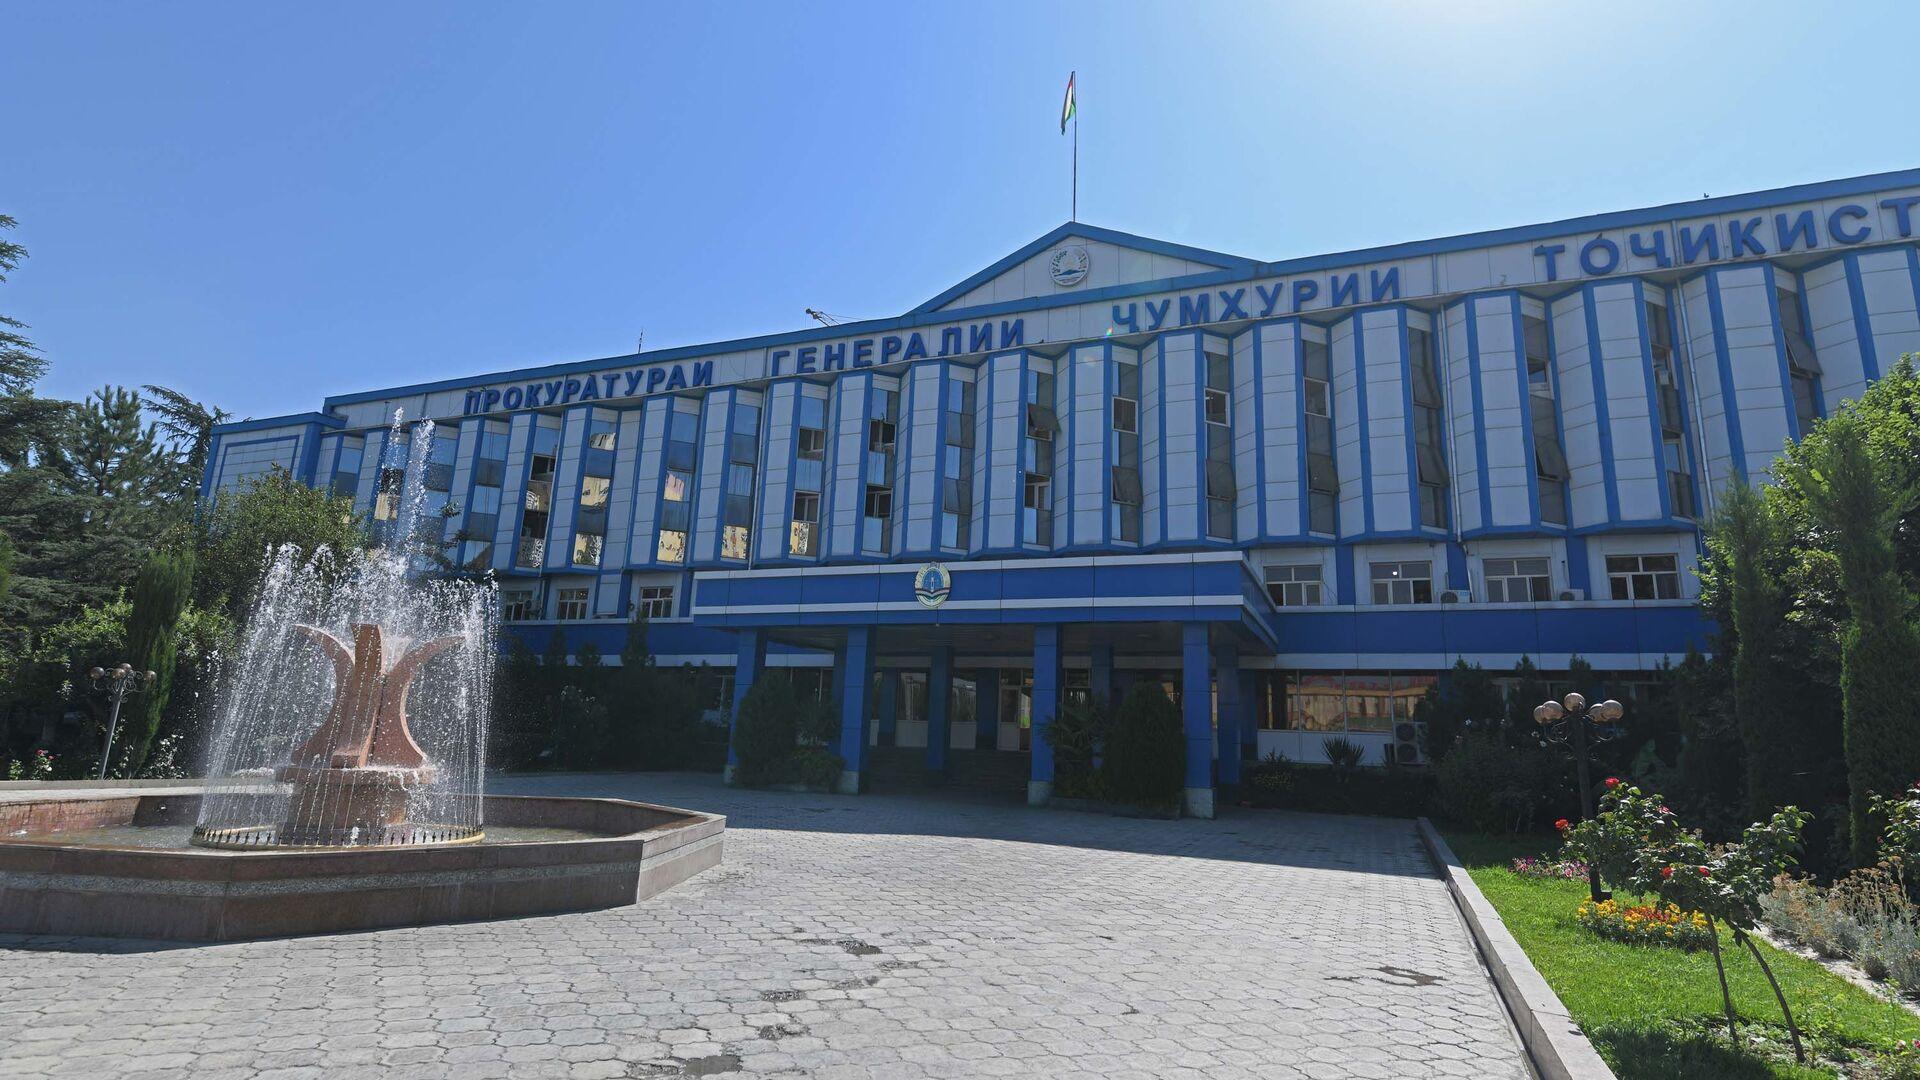 Здание Генеральной прокуратуры РТ. Архивное фото - Sputnik Таджикистан, 1920, 25.07.2021